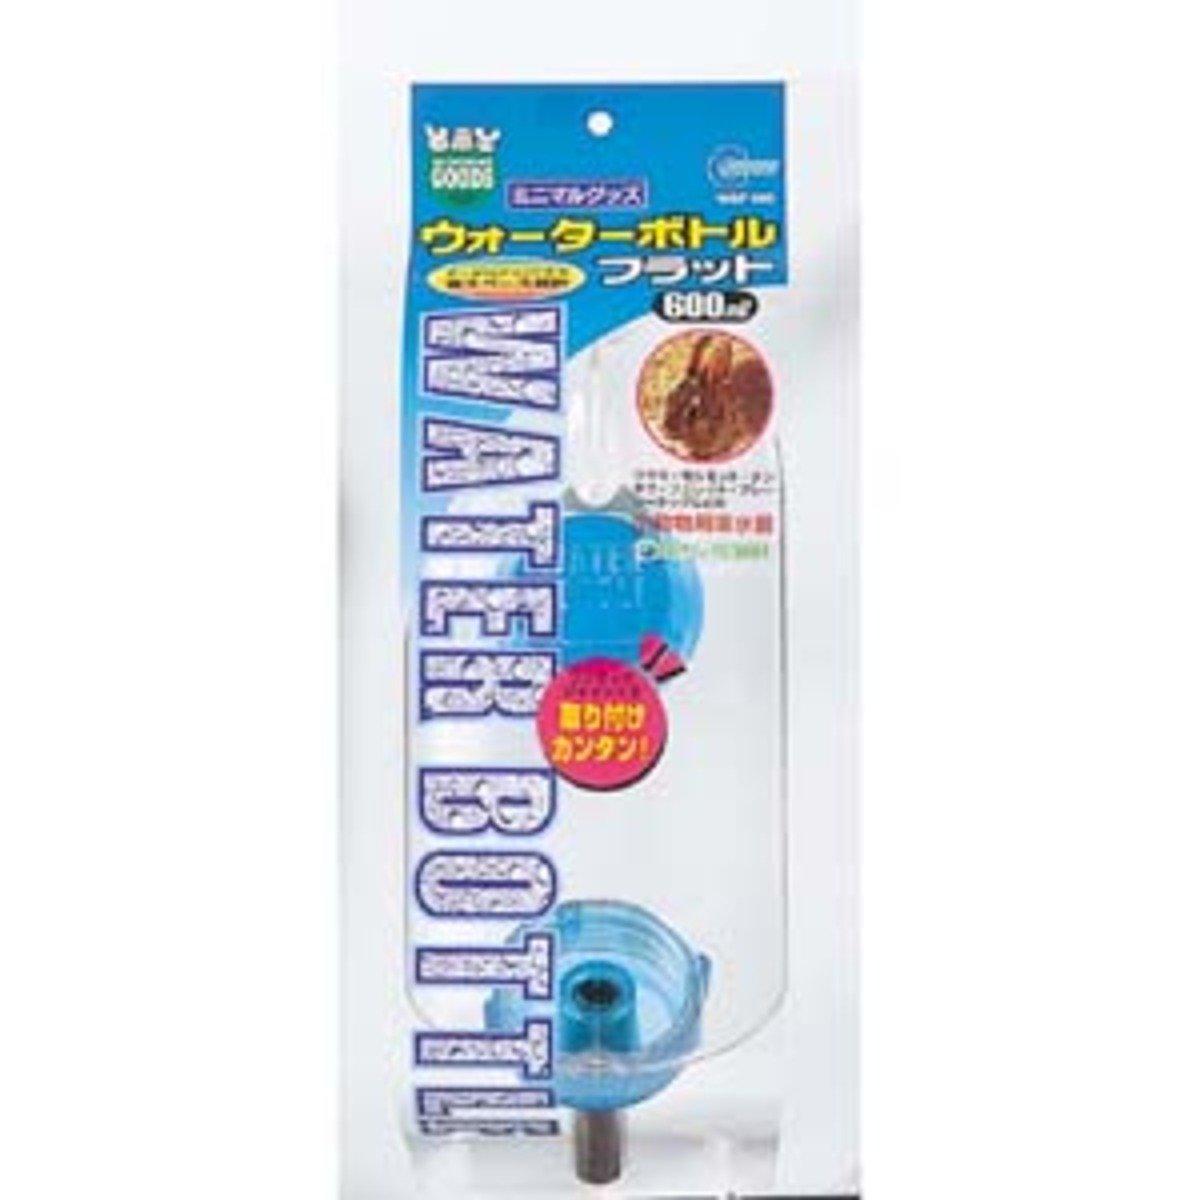 WBF600小動物扁身籠用水樽